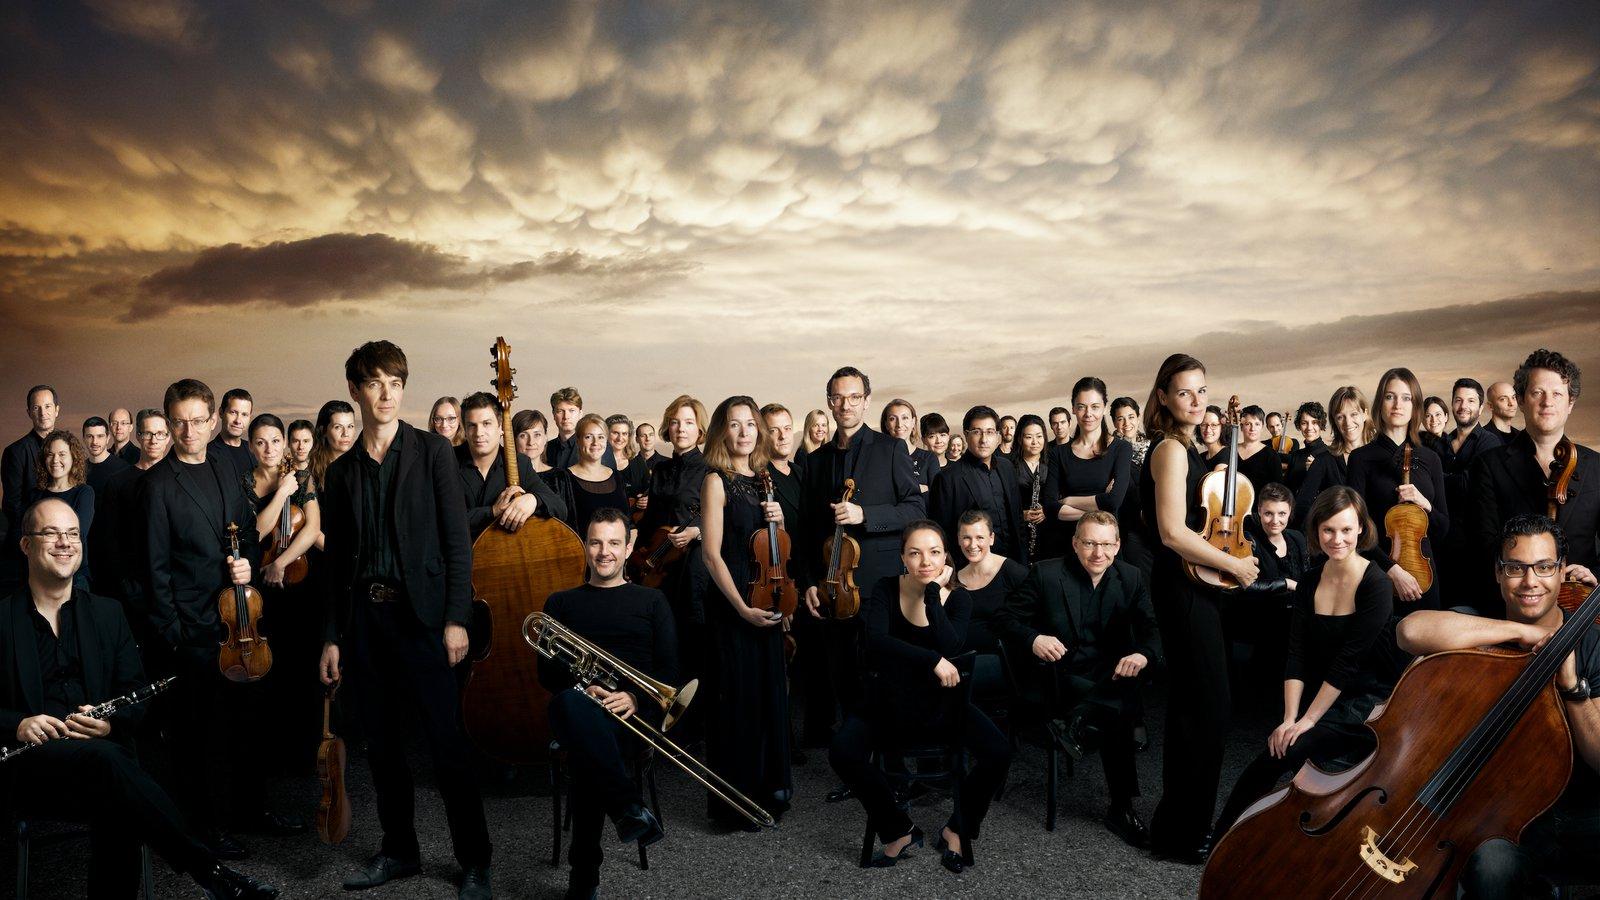 Mahler Chamber Orchestra: Mitsuko Uchida & Meesun Hong Coleman - Mozart & Widmann at Isaac Stern Auditorium